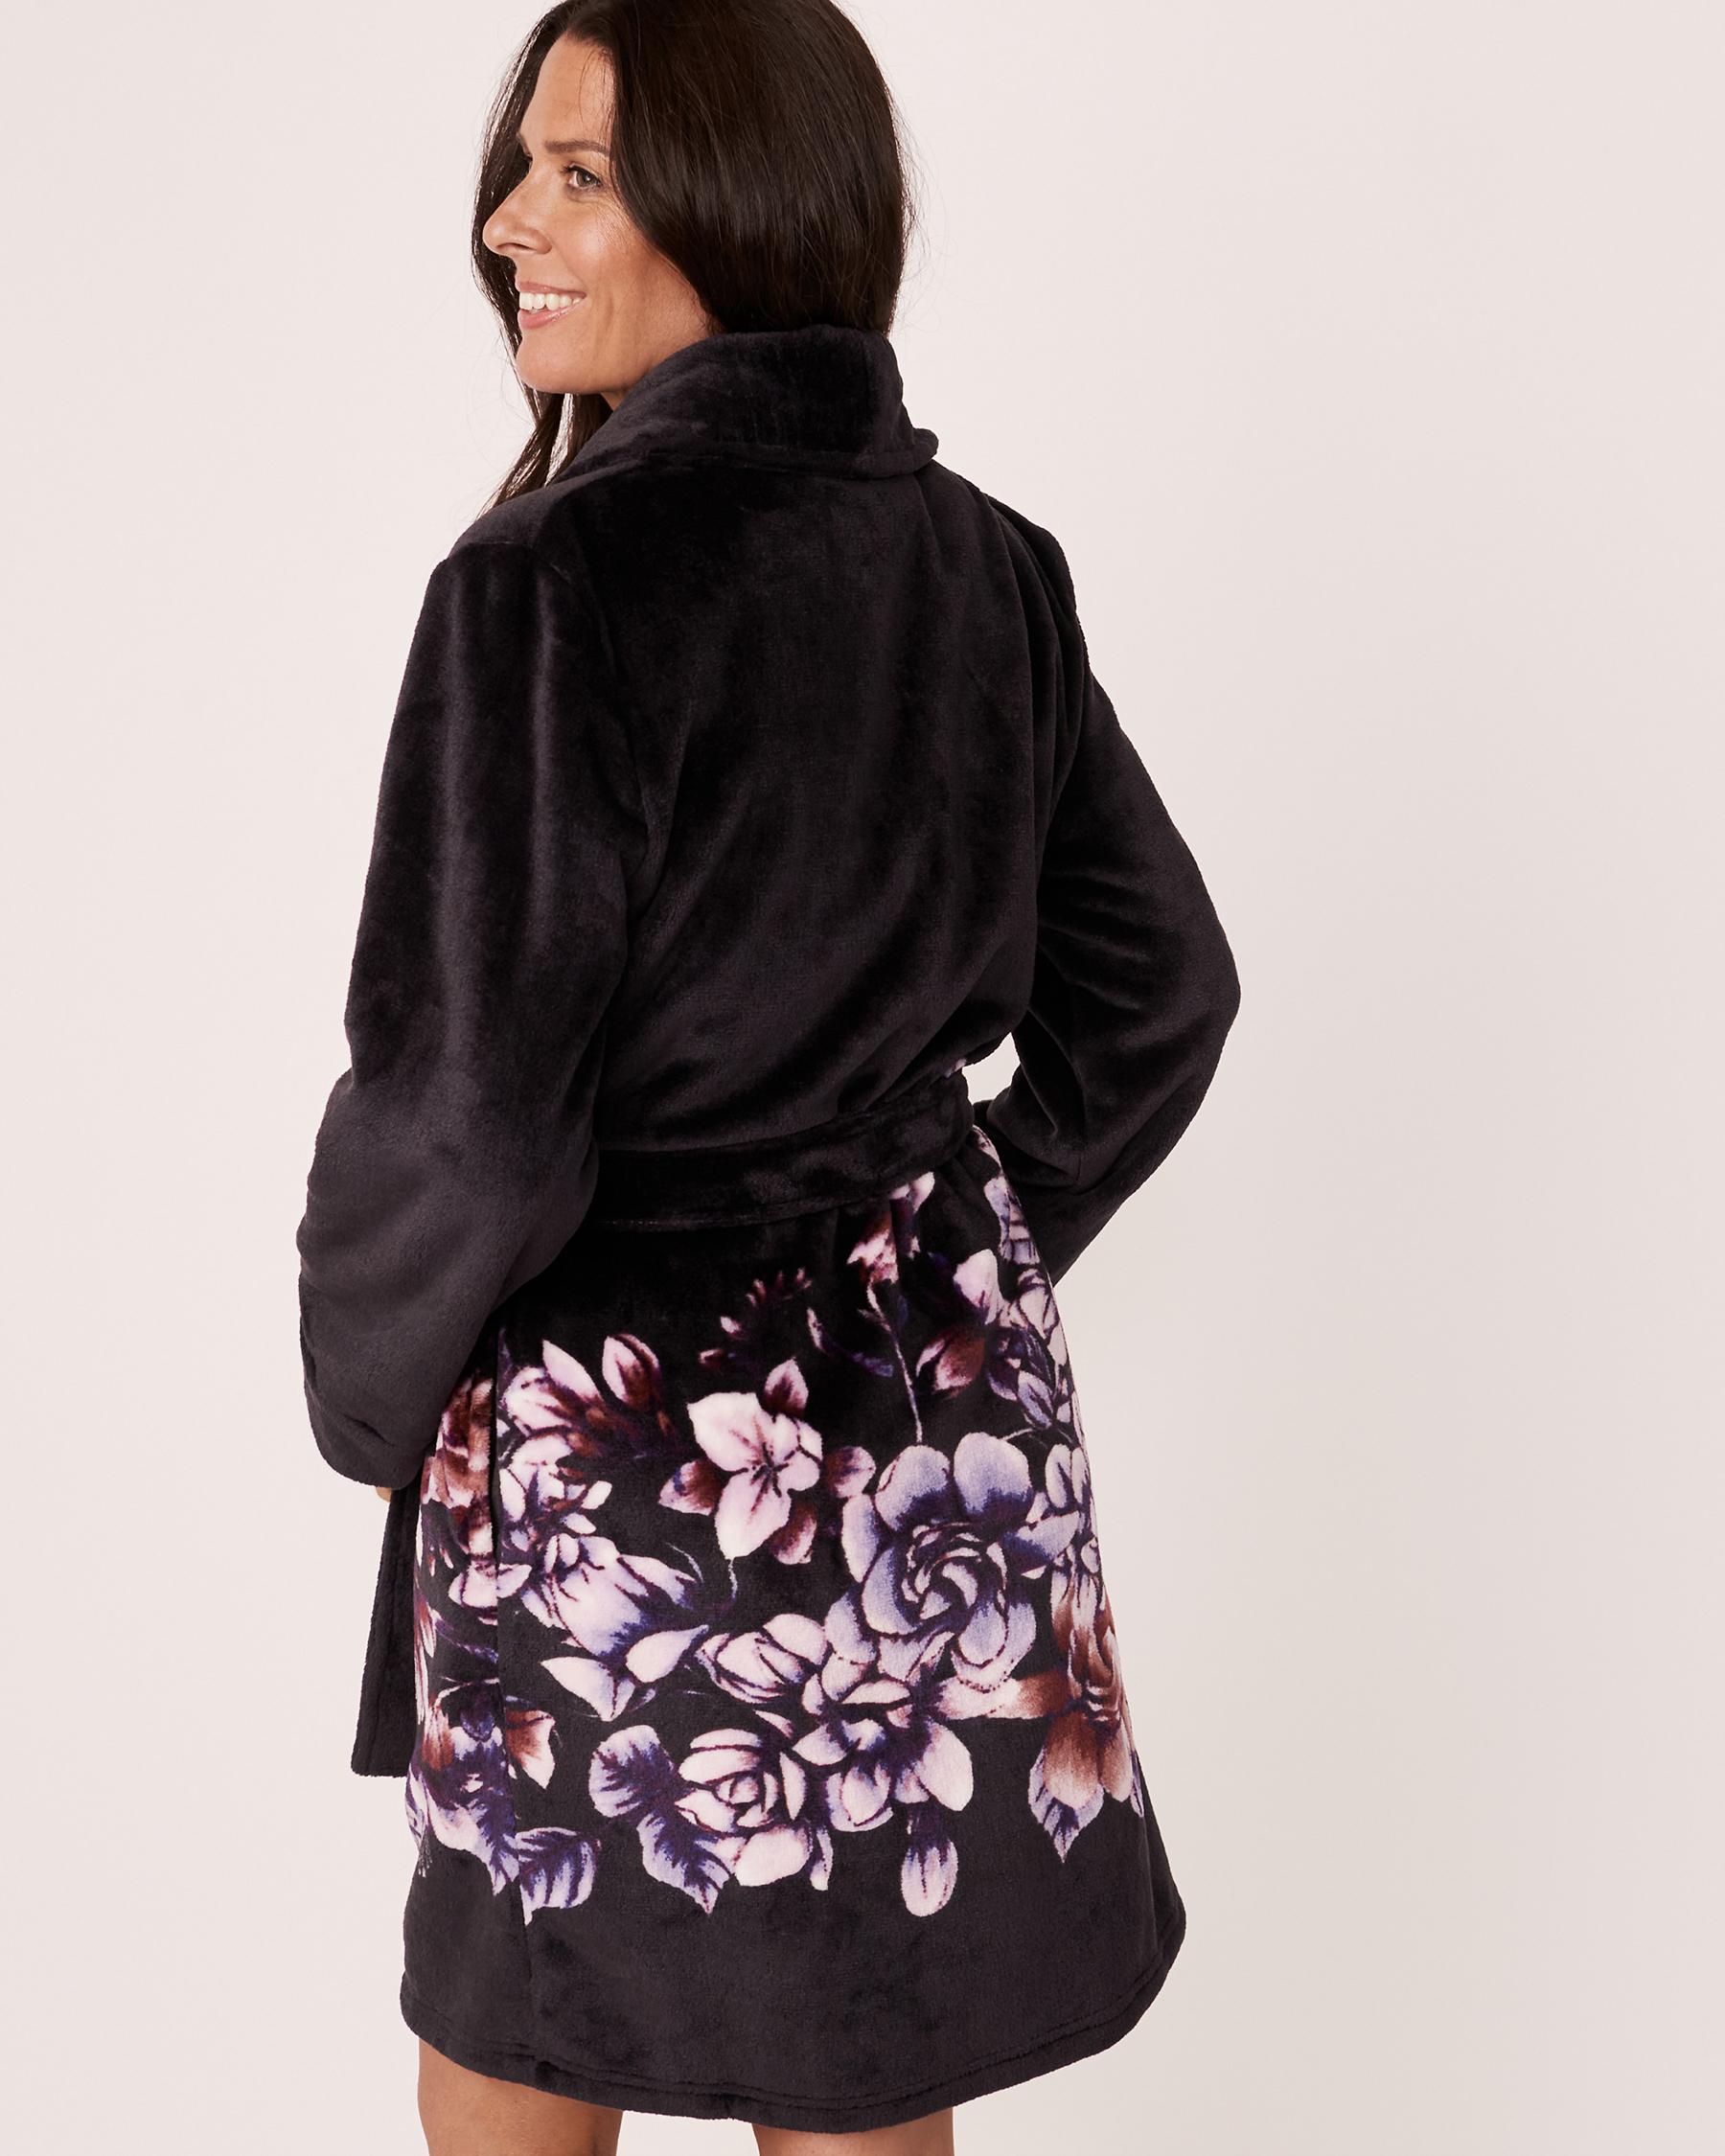 LA VIE EN ROSE Plush Robe Watercolor florals 40600032 - View2